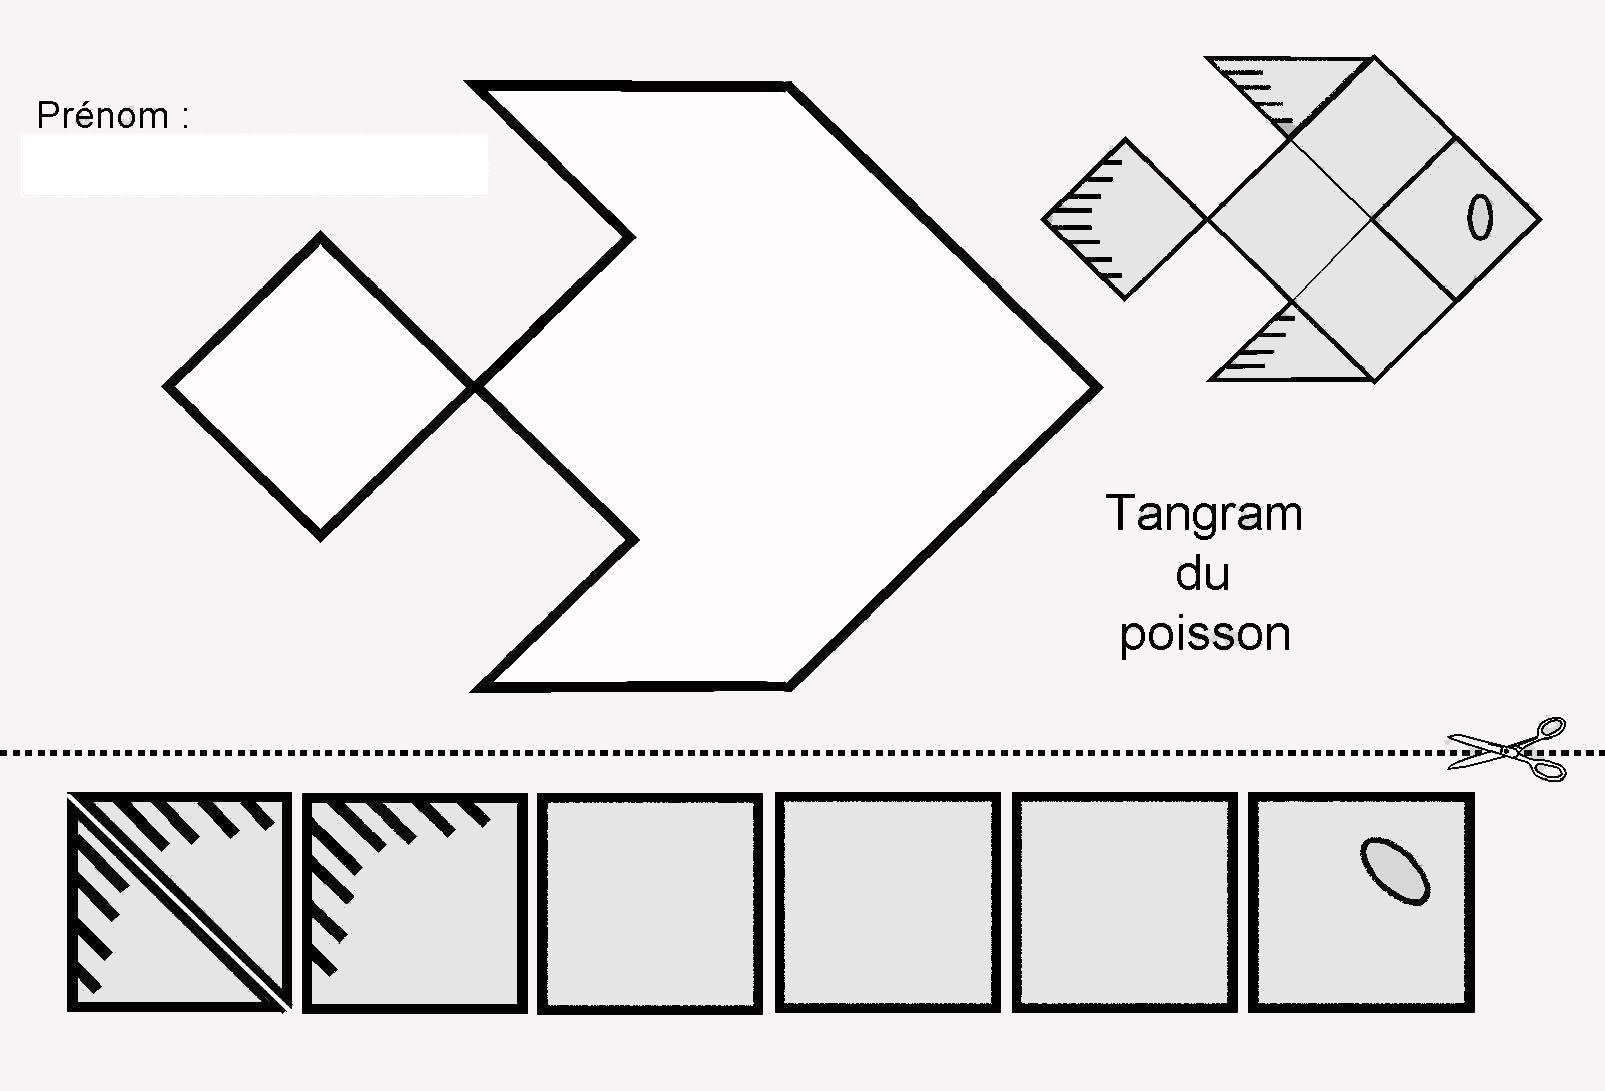 Tangram Du Poisson : Figures Et Pièces Pour Maternelle à Tangram Moyenne Section